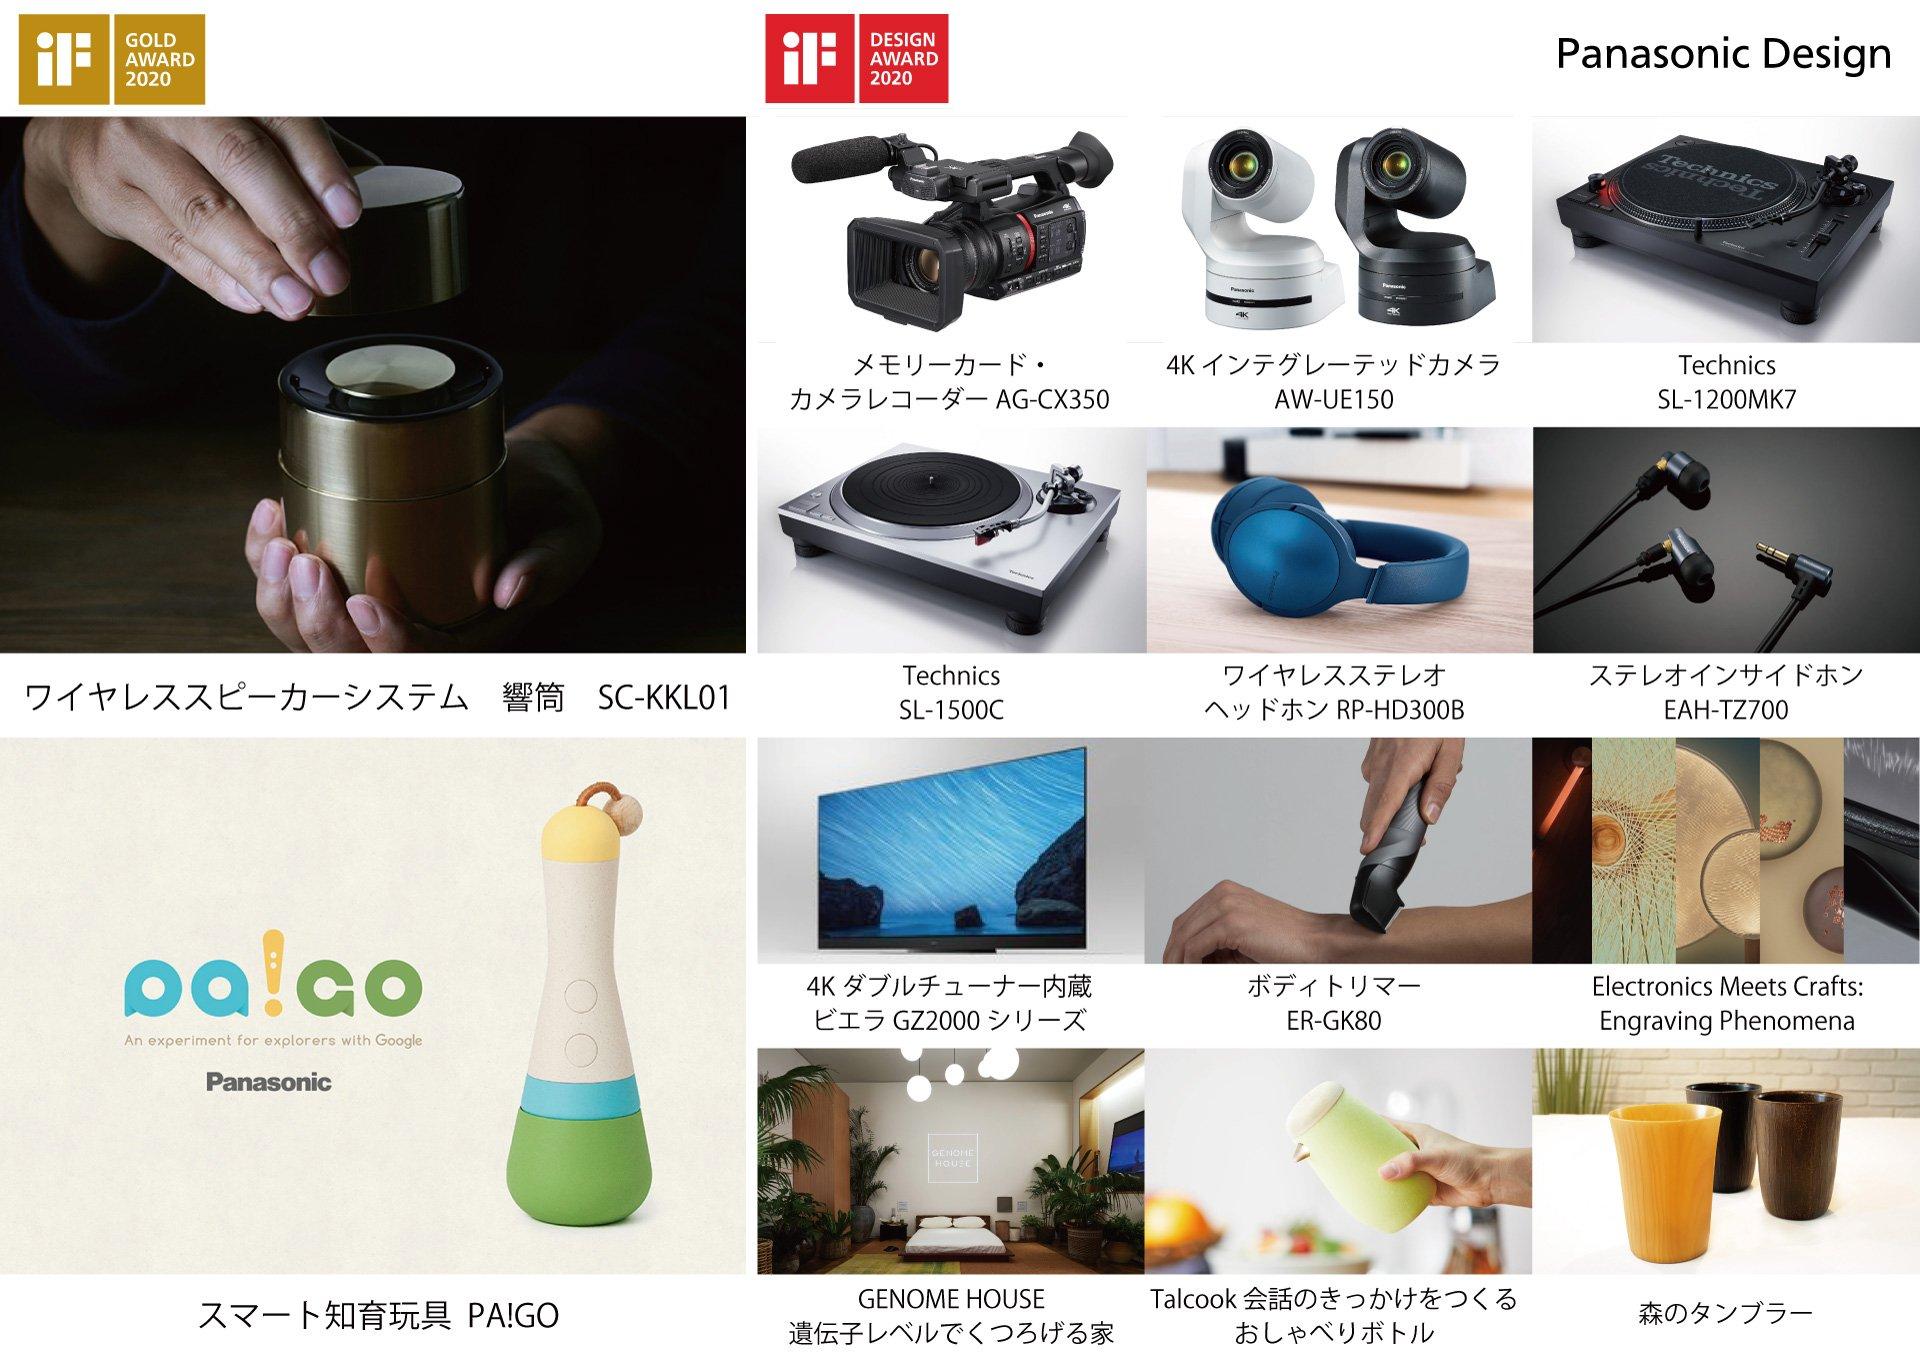 パナソニックiFデザイン賞2020受賞一覧